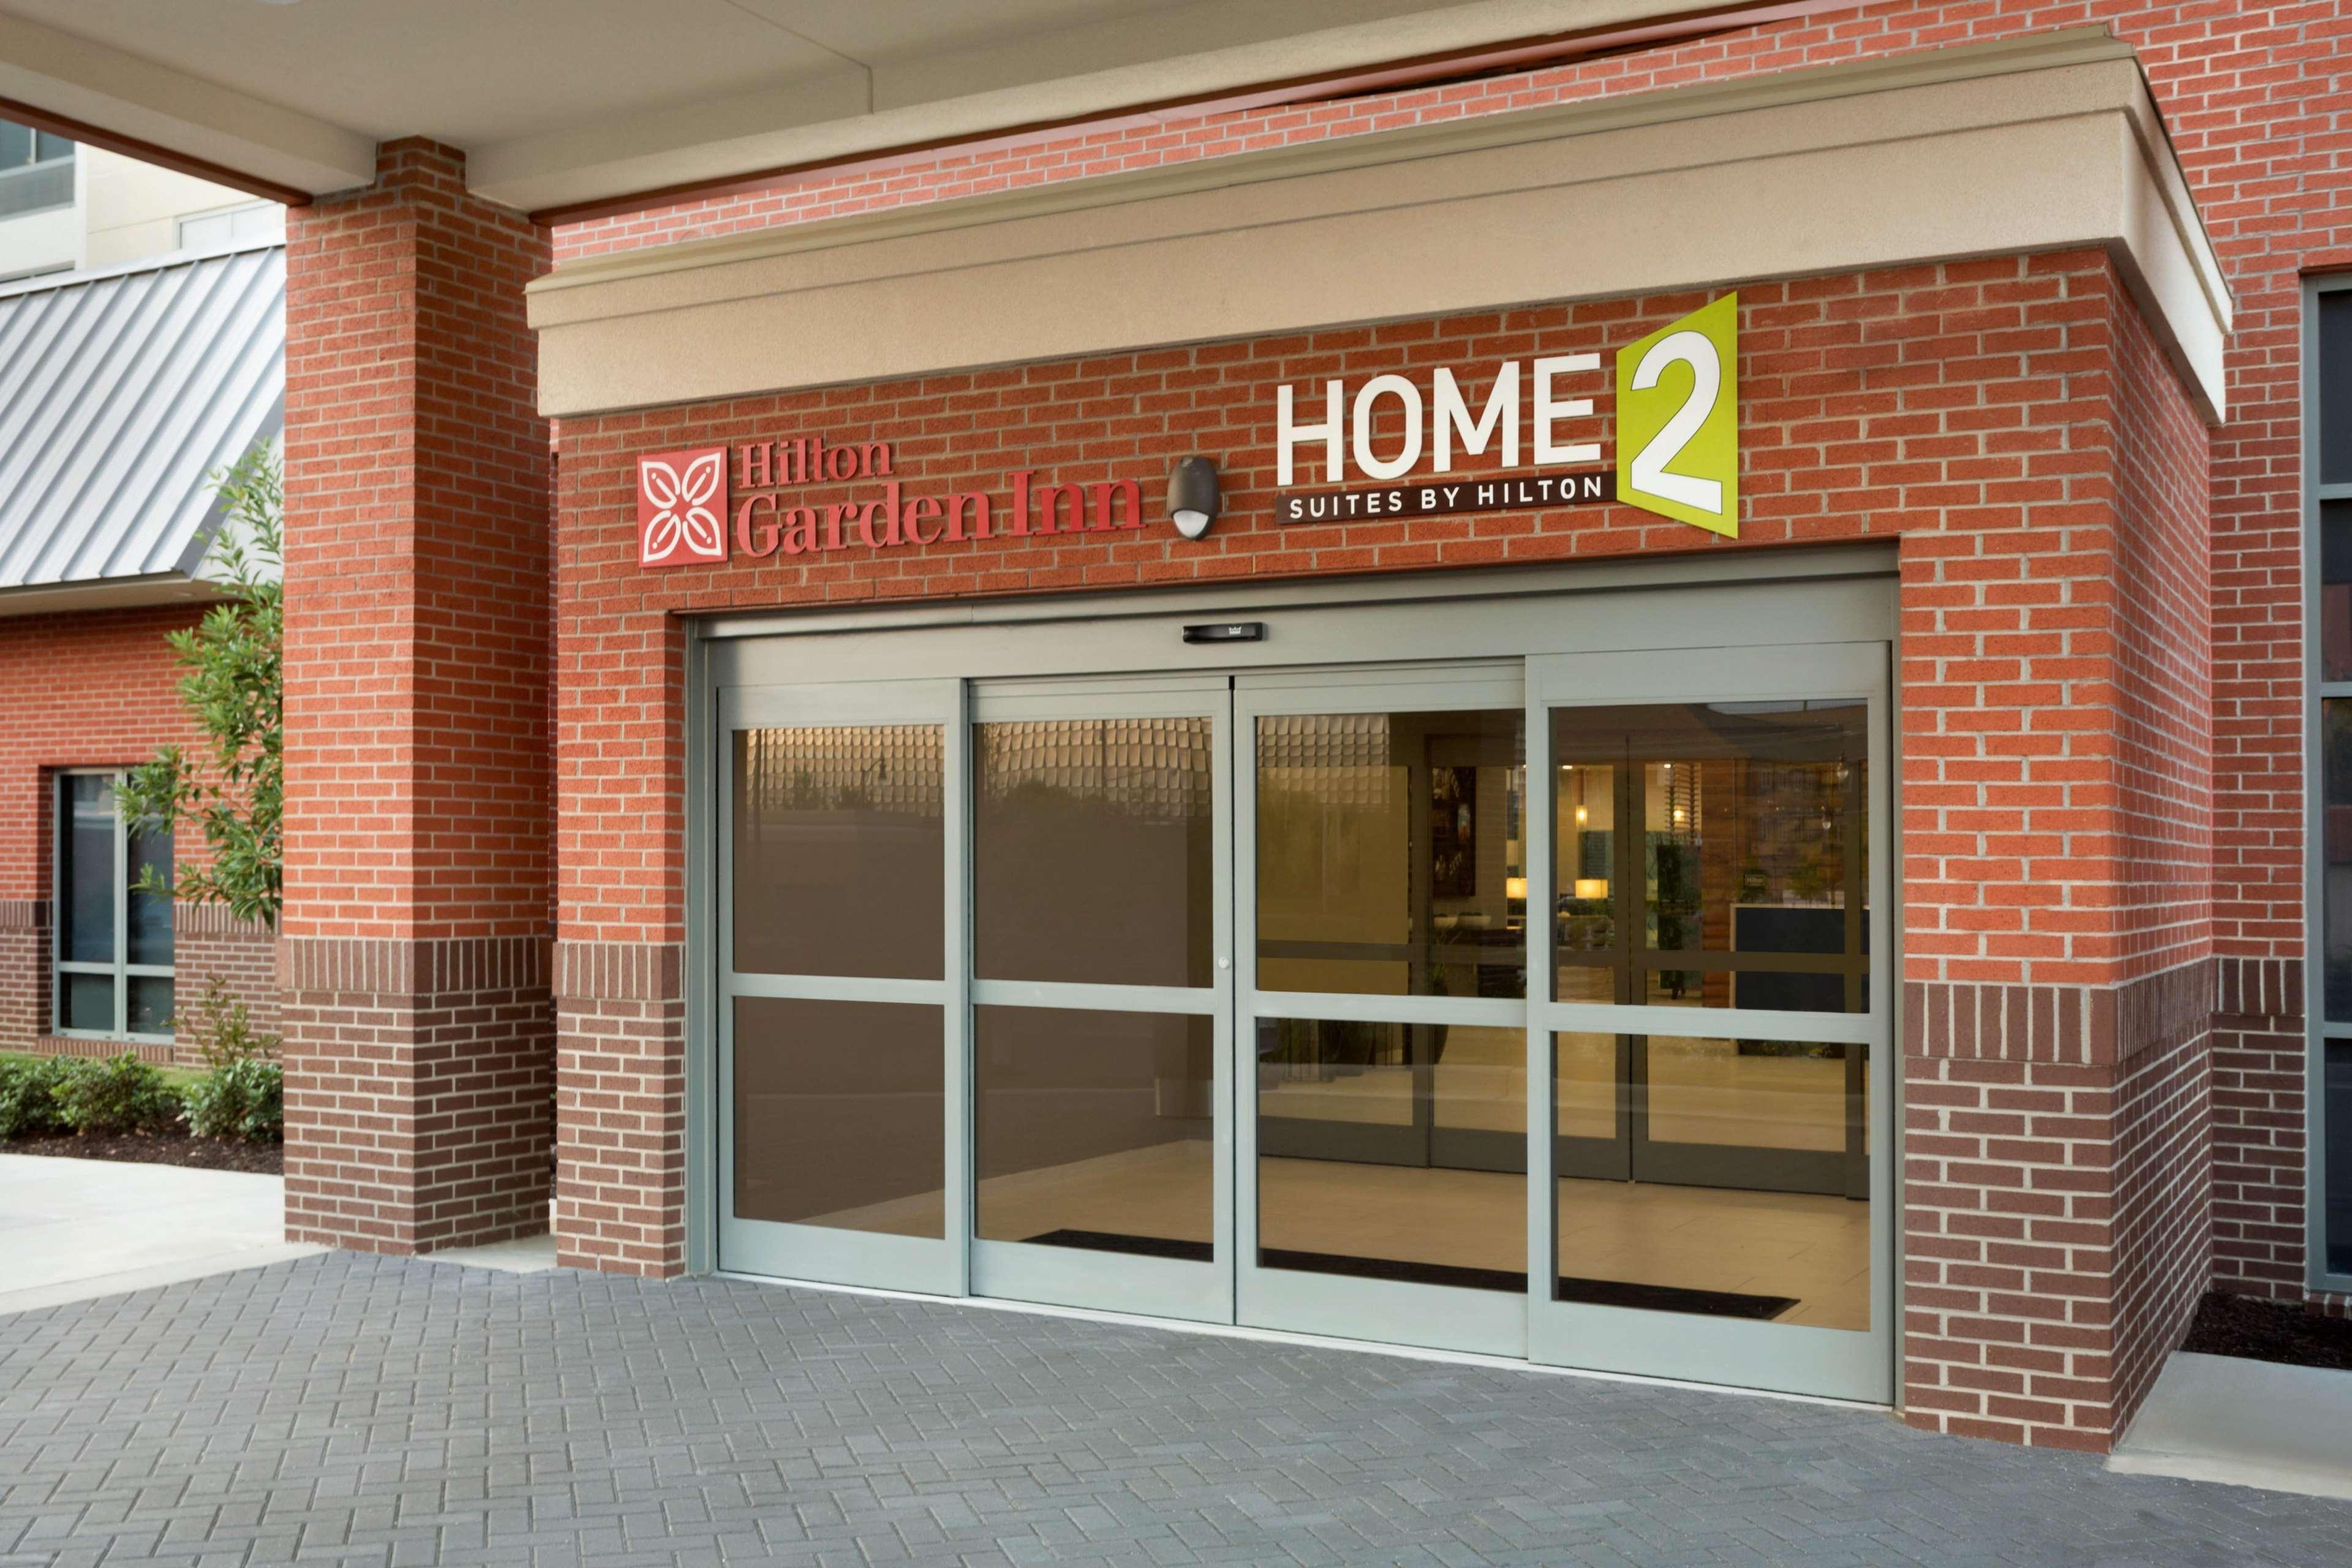 Home2 Suites by Hilton Birmingham Downtown image 32